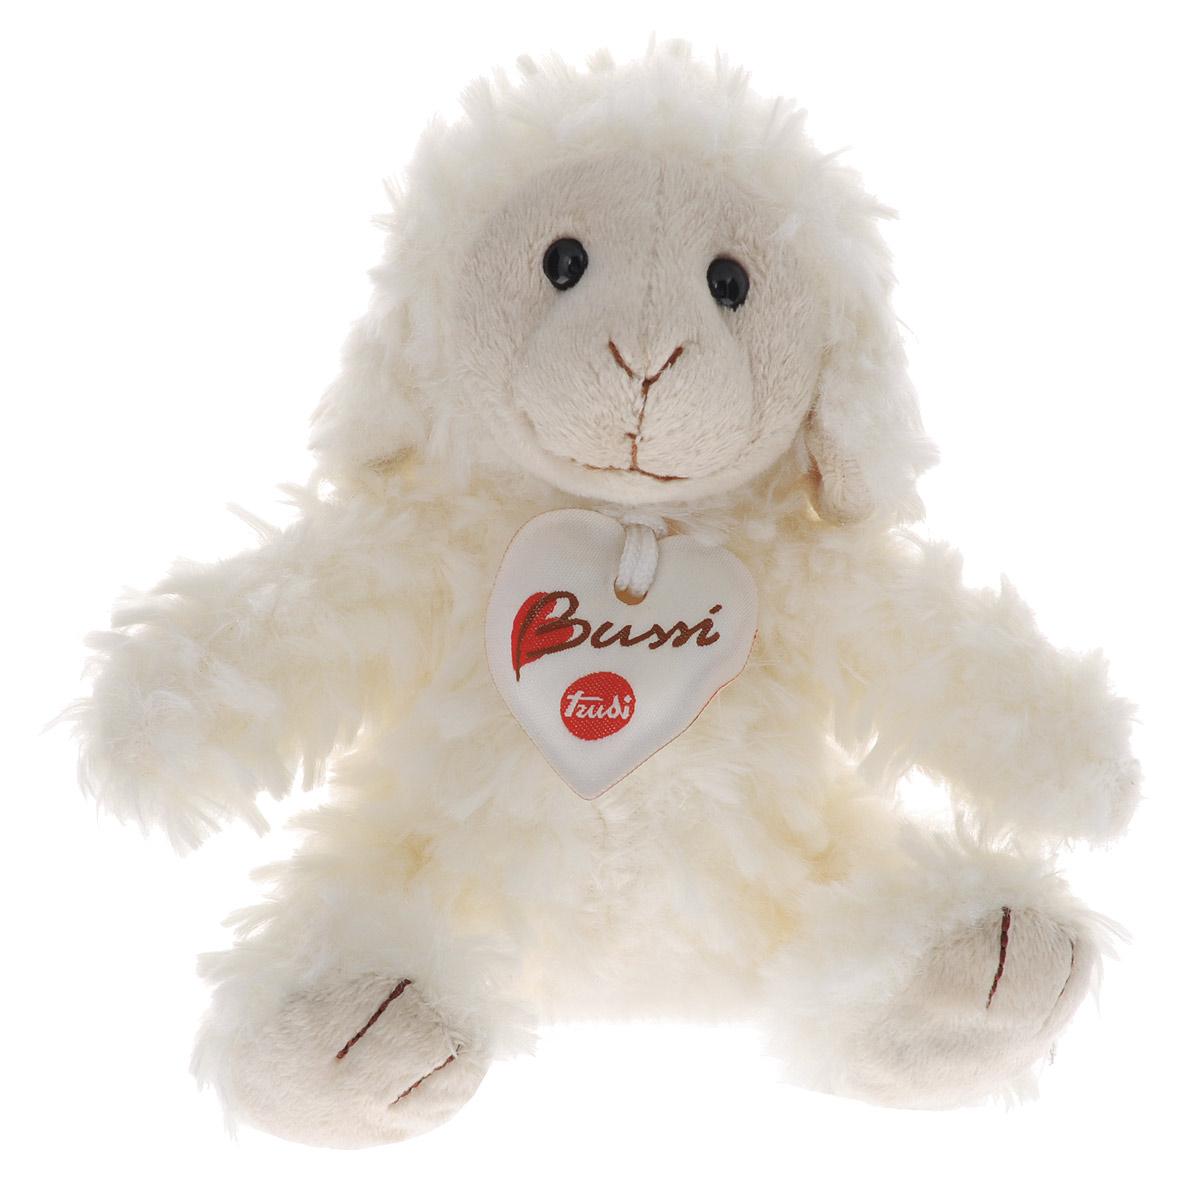 Trudi Мягкая игрушка Овечка 18 см13677Очаровательная мягкая игрушка Trudi Овечка выполнена в виде милой овечки. Игрушка изготовлена из высококачественного текстильного материала. Пластиковые гранулы, использованные при ее набивке, способствуют развитию мелкой моторики рук ребенка. Игрушка невероятно мягкая и приятная на ощупь, благодаря чему вам не захочется выпускать ее из рук. Глазки овечки изготовлены из пластика. На шее у овечки - текстильное сердечко на шнурке. Небольшой размер позволит малышу всюду брать ее с собой - на прогулку, в детский сад или в поездку. Игрушка не может стоять самостоятельно. Удивительно мягкая игрушка принесет радость и подарит своему обладателю мгновения нежных объятий и приятных воспоминаний. Великолепное качество исполнения делают эту игрушку чудесным подарком к любому празднику. Трогательная и симпатичная, она непременно вызовет улыбку у детей и взрослых.